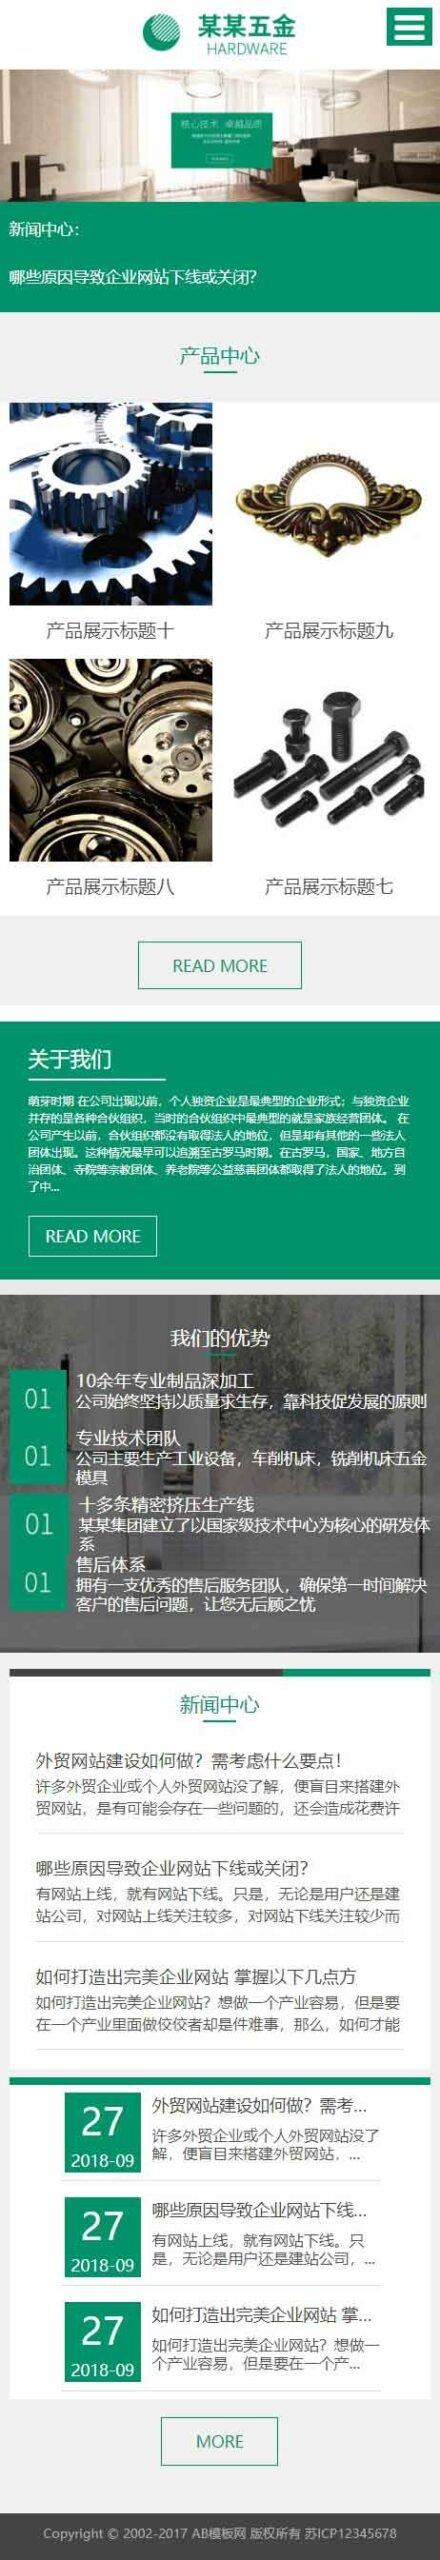 五金卫浴产品企业网站织梦dede模板源码[自适应手机版]插图1